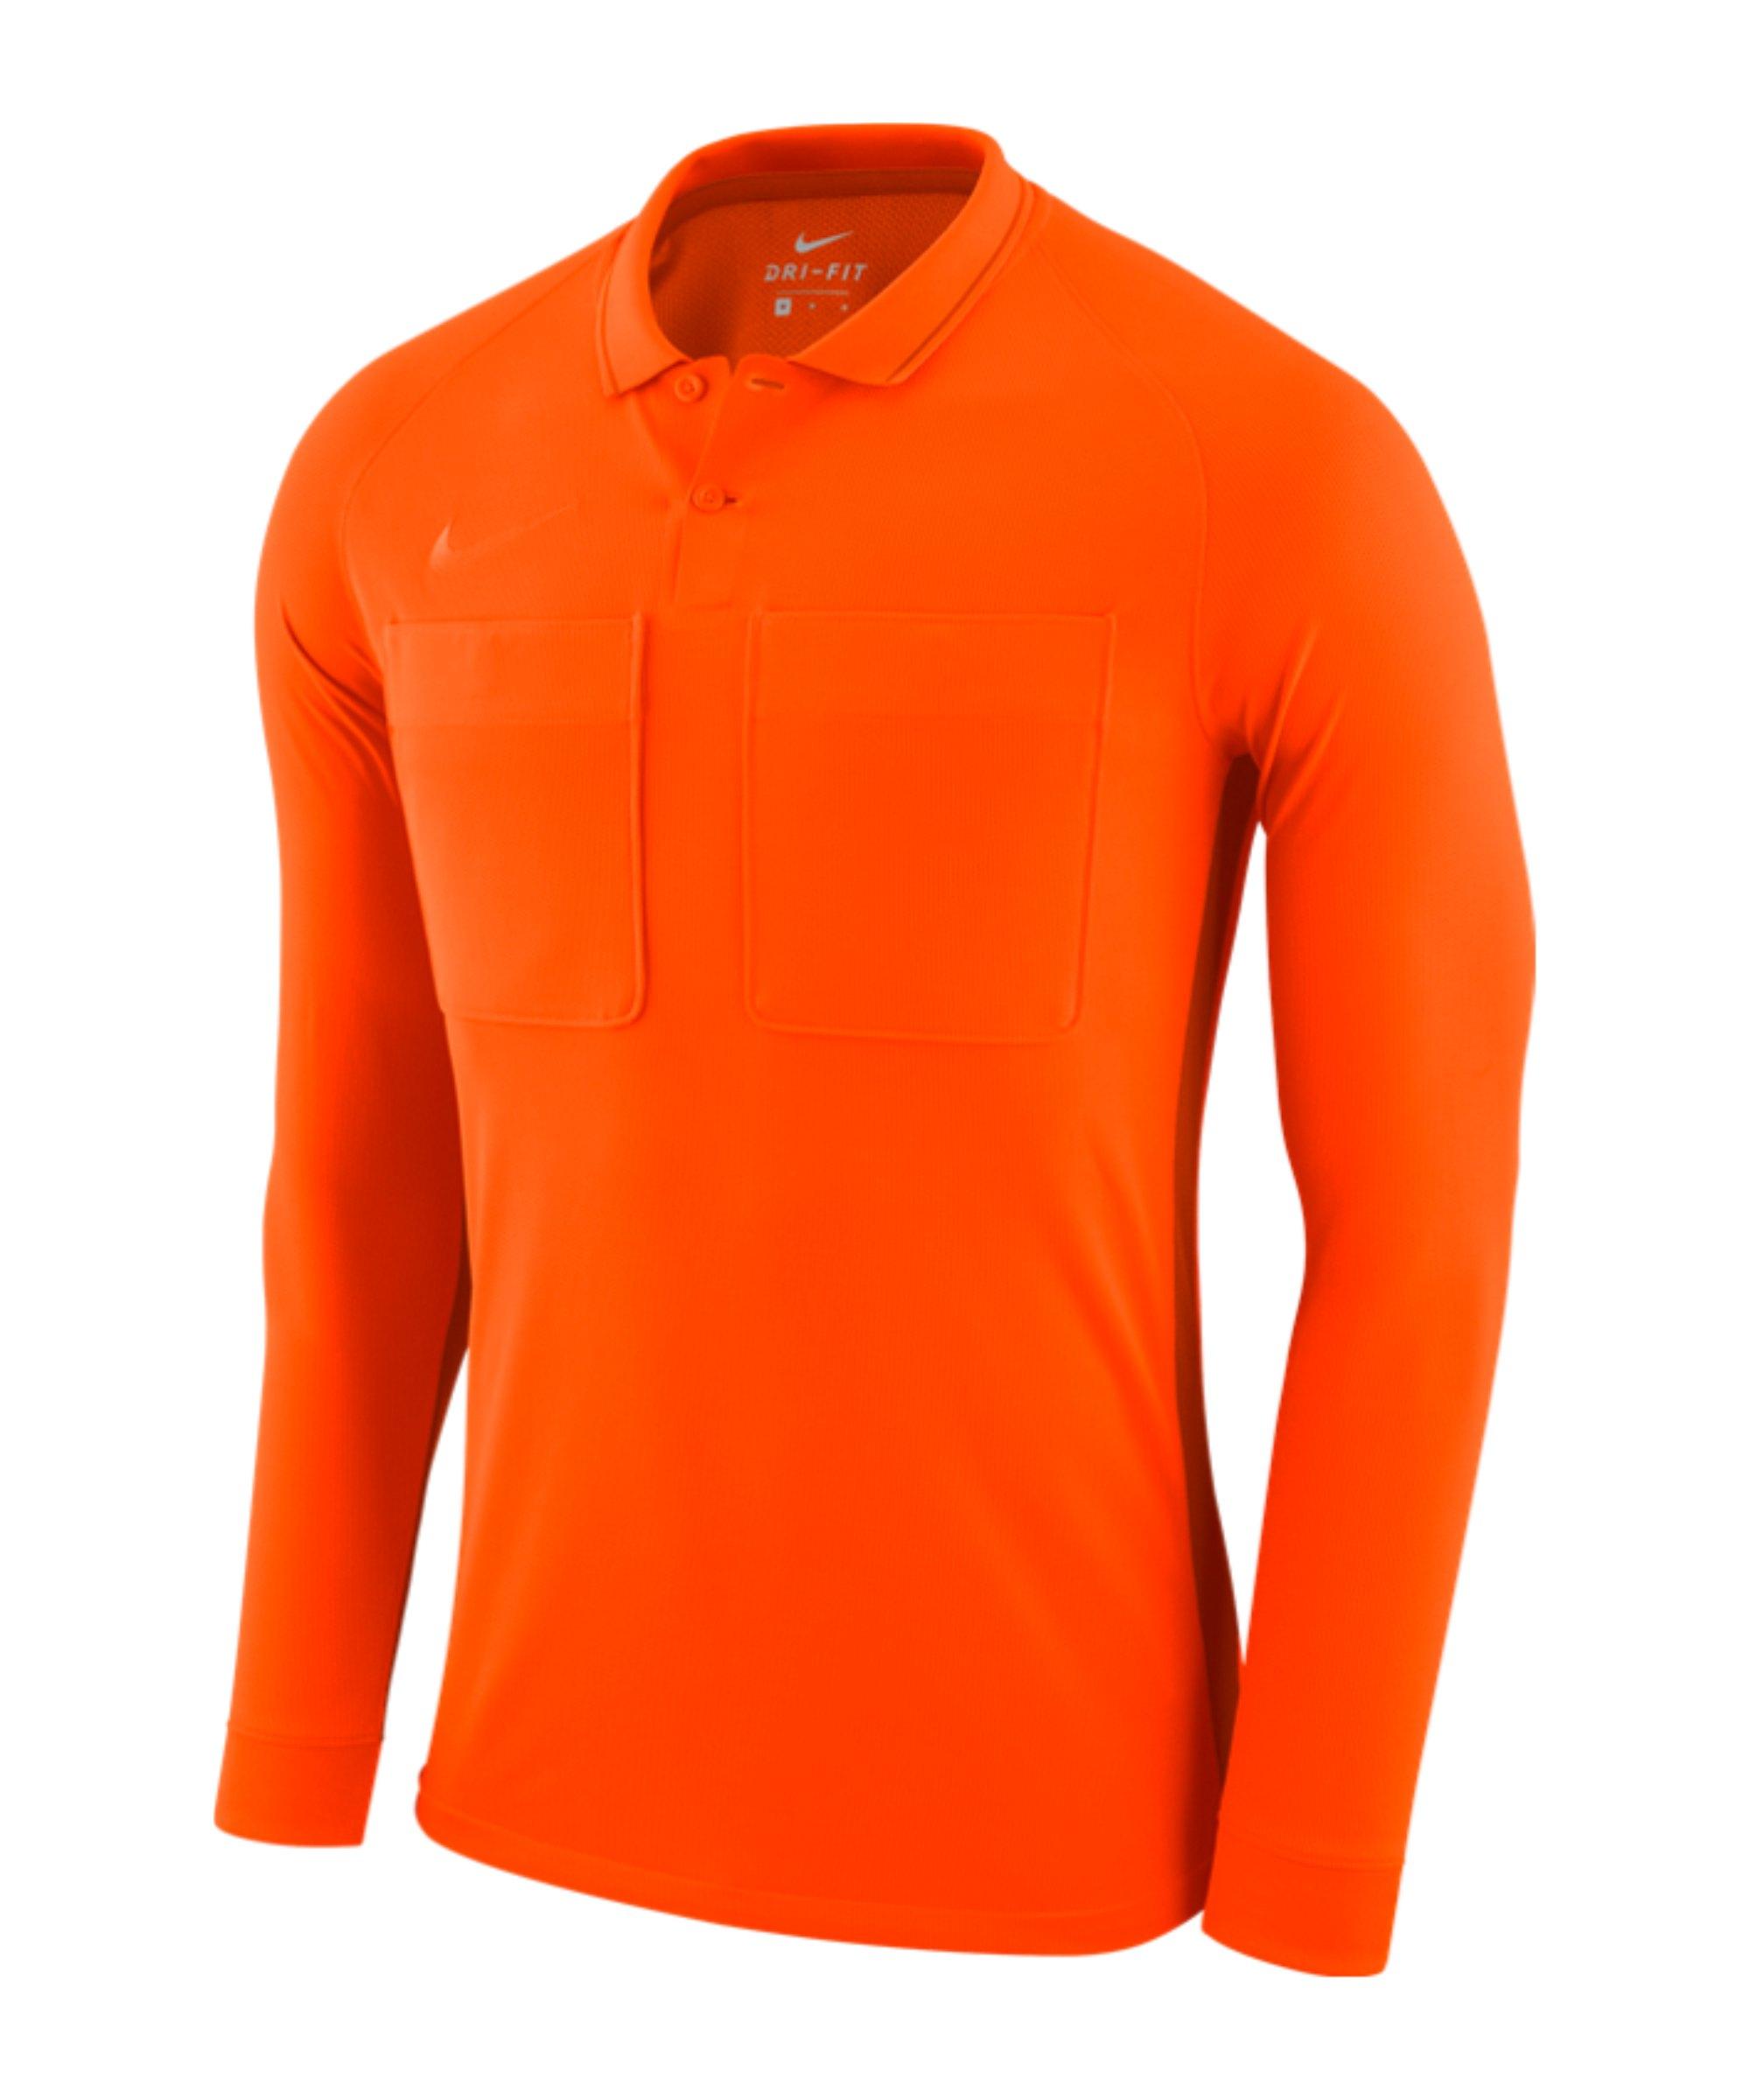 Nike Dry Referee Trikot langarm Orange F819 - orange